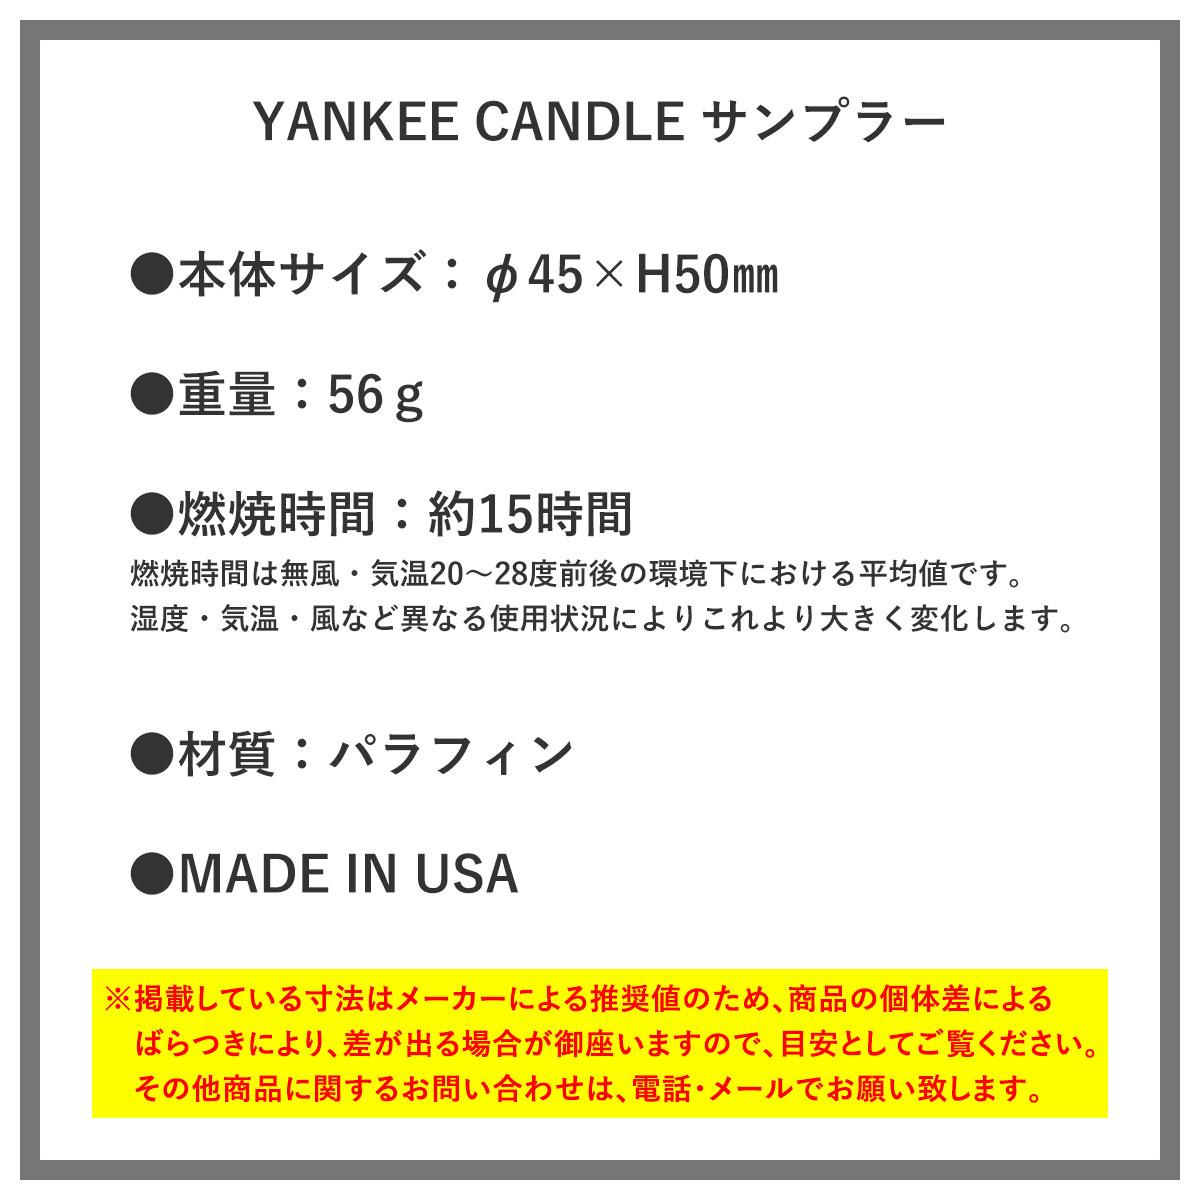 ヤンキーキャンドル YANKEE CANDLE 正規販売店 YCサンプラー FCローズ YK0010503 4901435938196 A49B B3C C9D D2E E00F